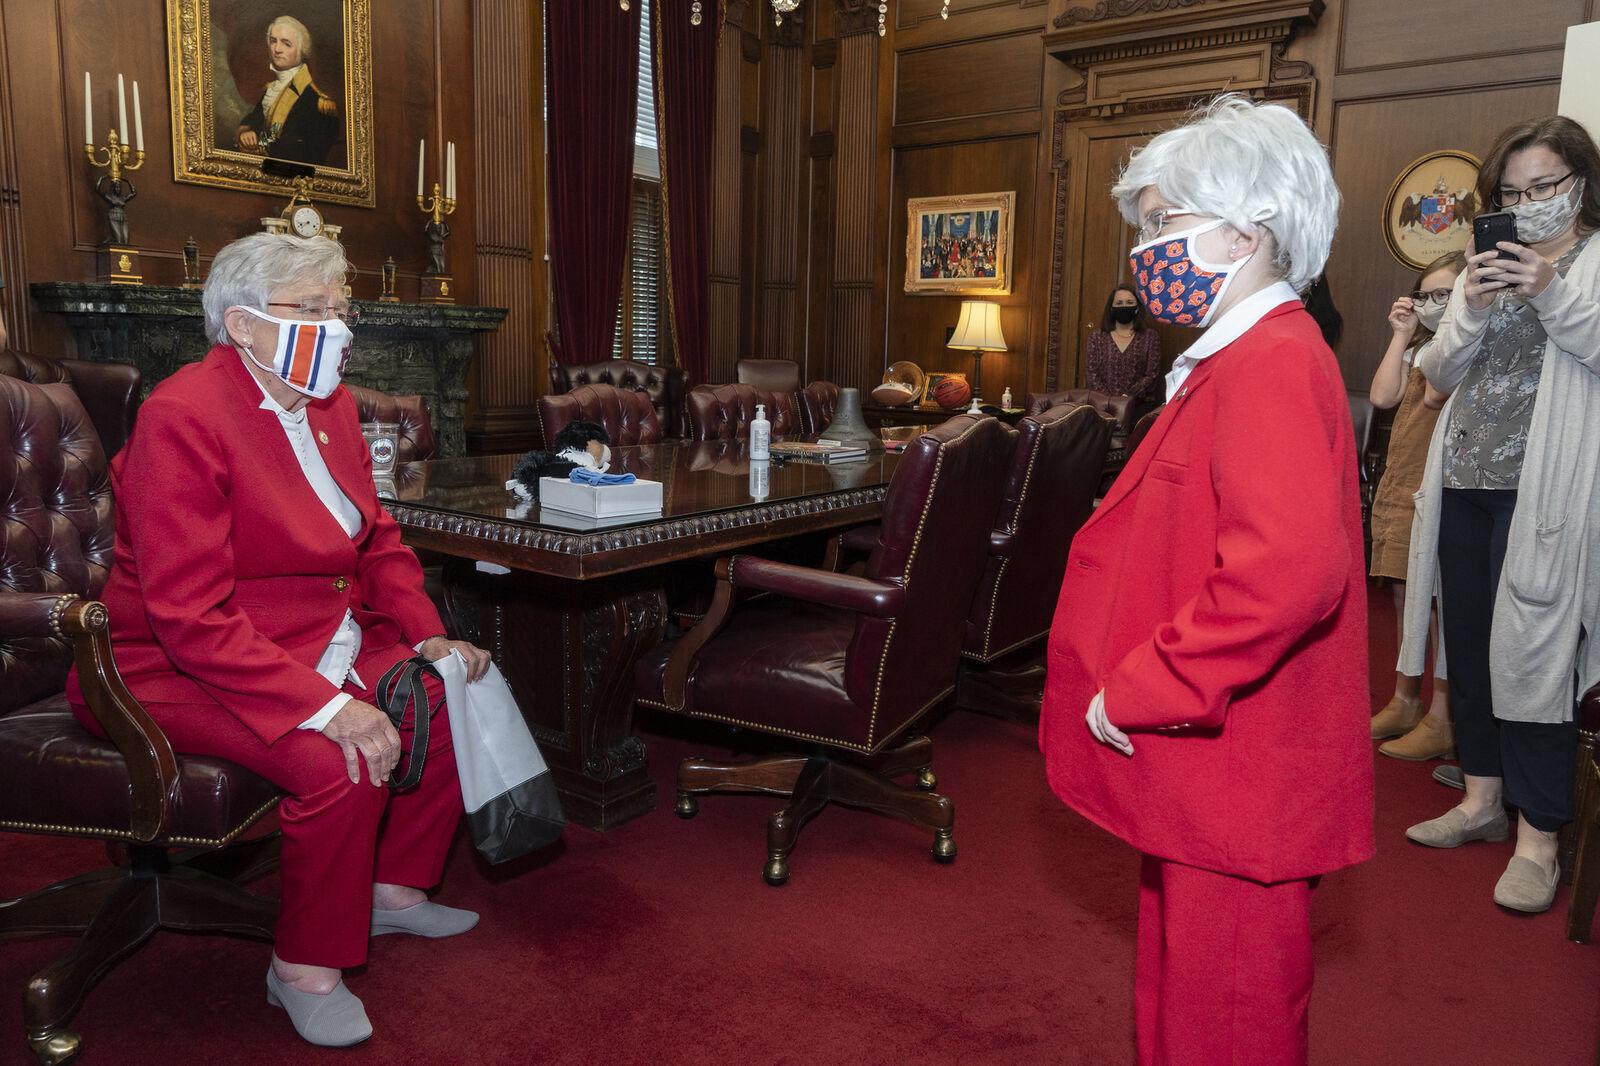 La niña que hizo el disfraz de Halloween de Ivey conoce a la gobernadora